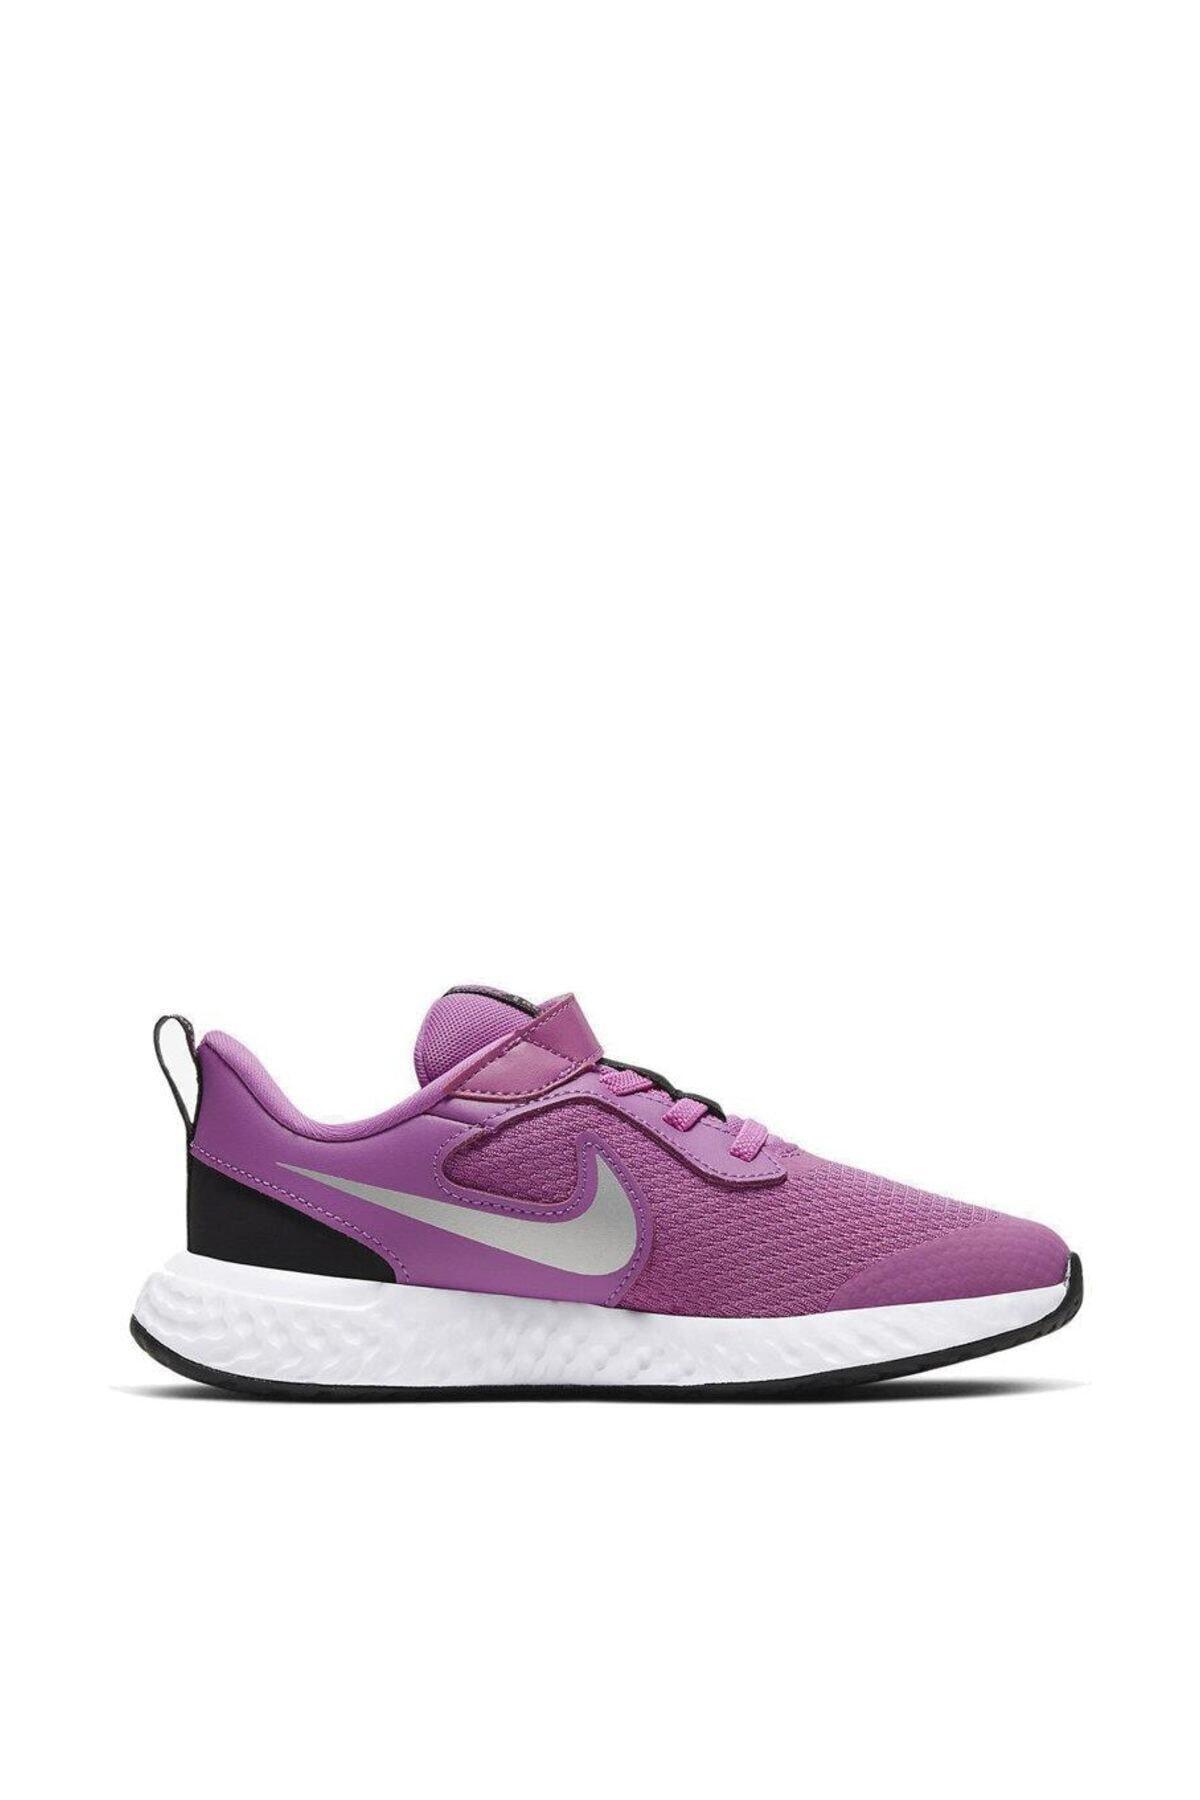 Nike Kids Kız Çocuk Pembe Koşu Ayakkabı Bq5672-610 1